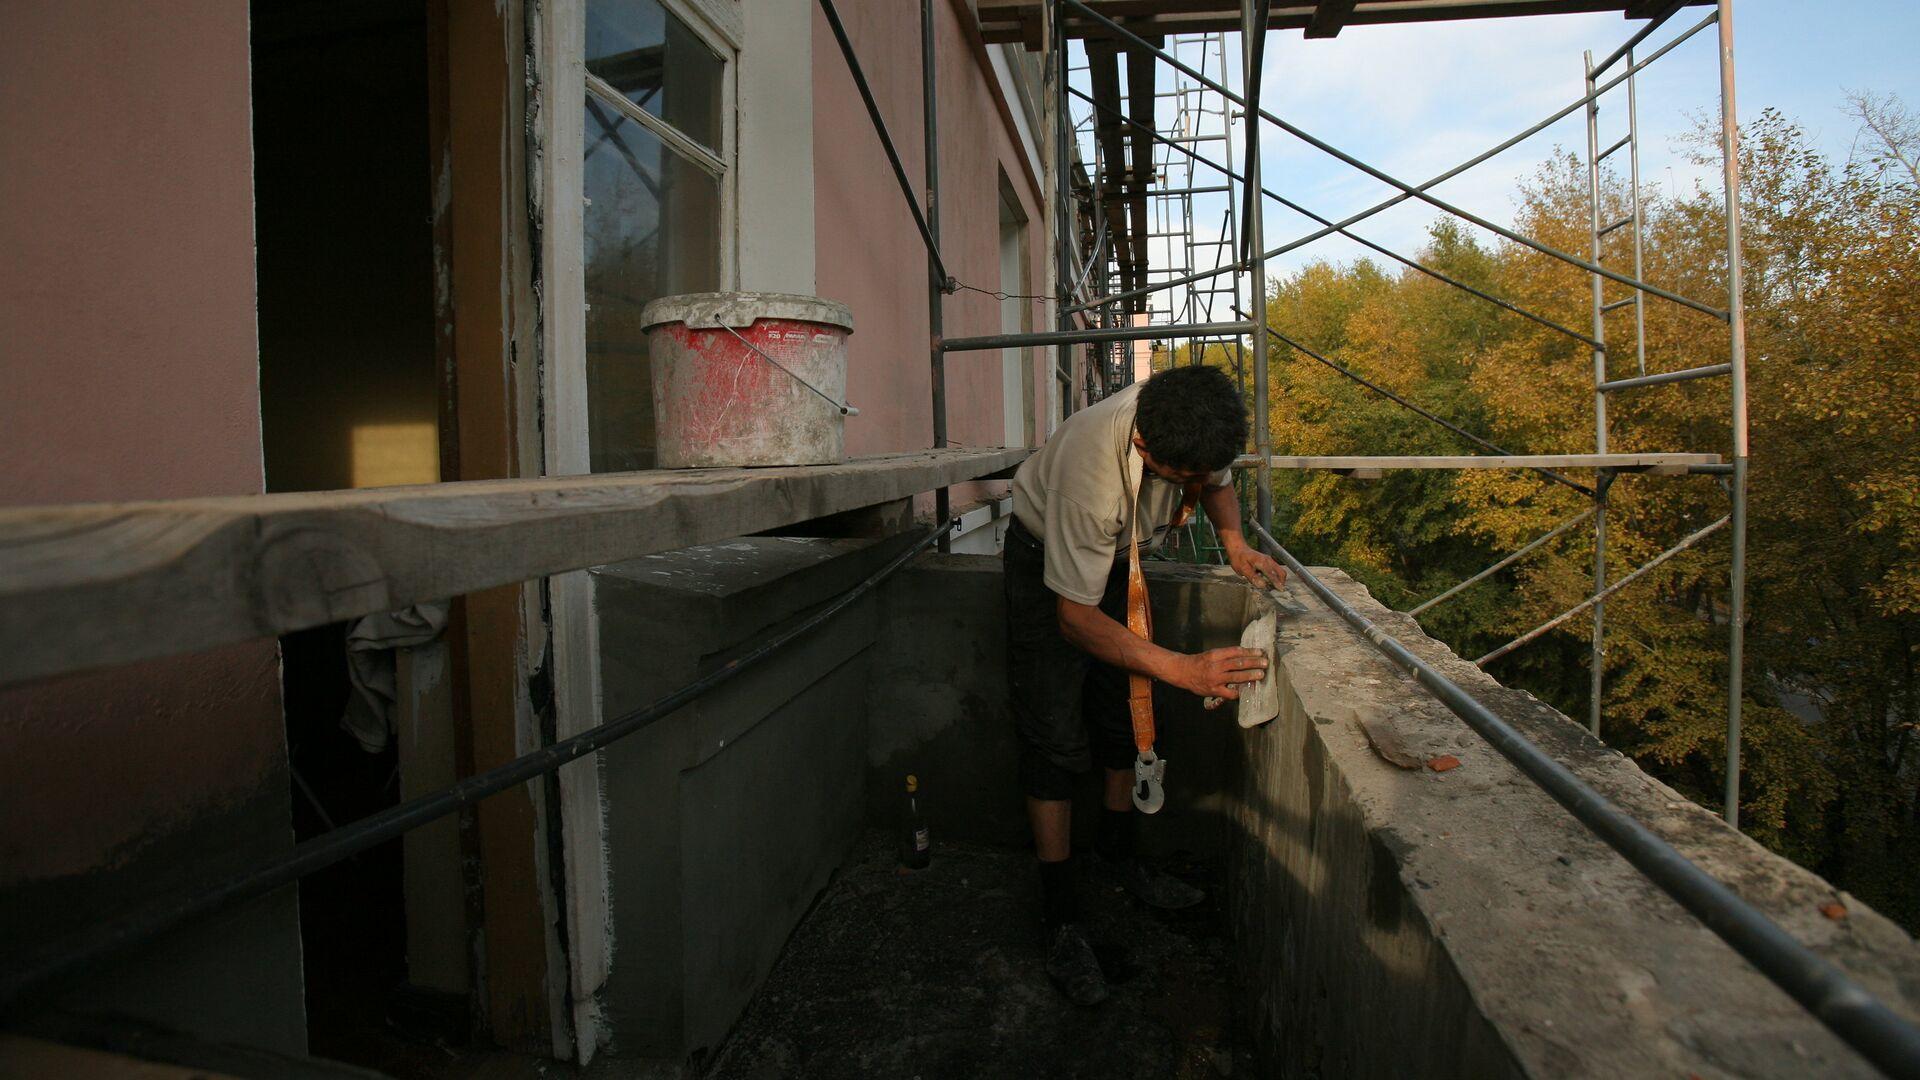 Ремонт балкона - РИА Новости, 1920, 31.08.2021